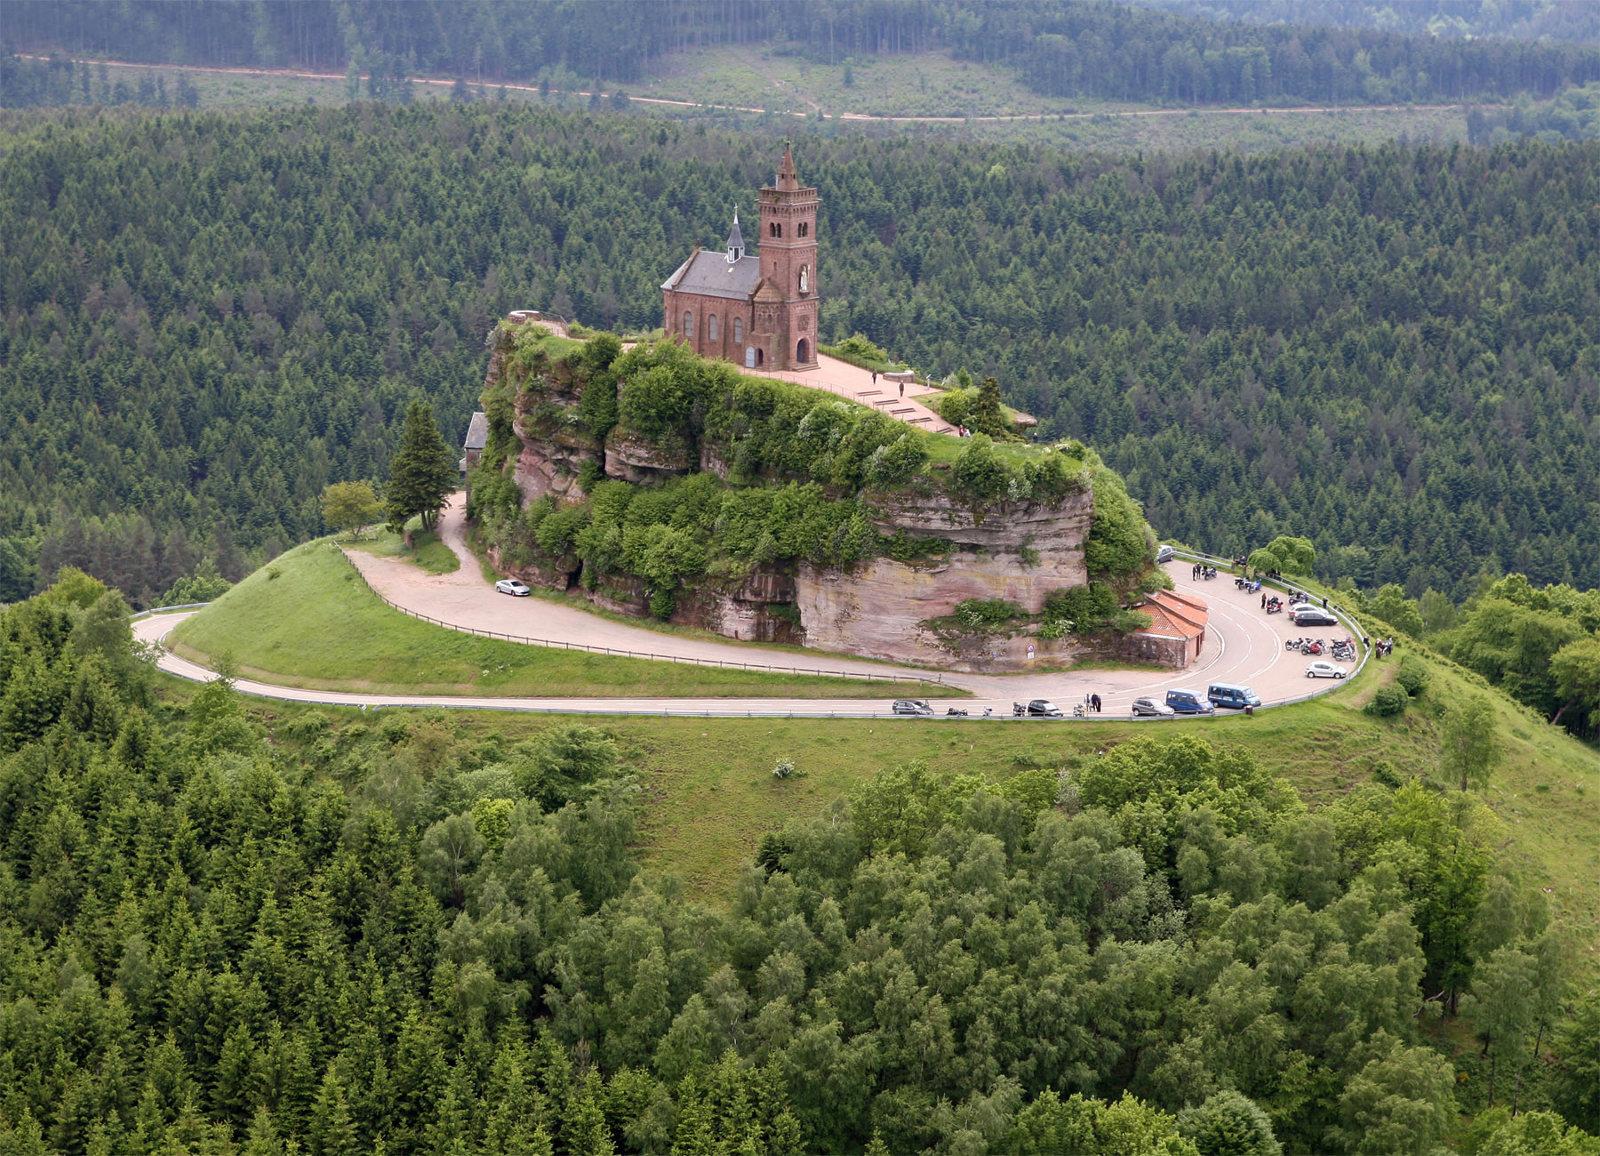 Office de tourisme du pays de saverne dabo felsen - Office de tourisme moselle ...